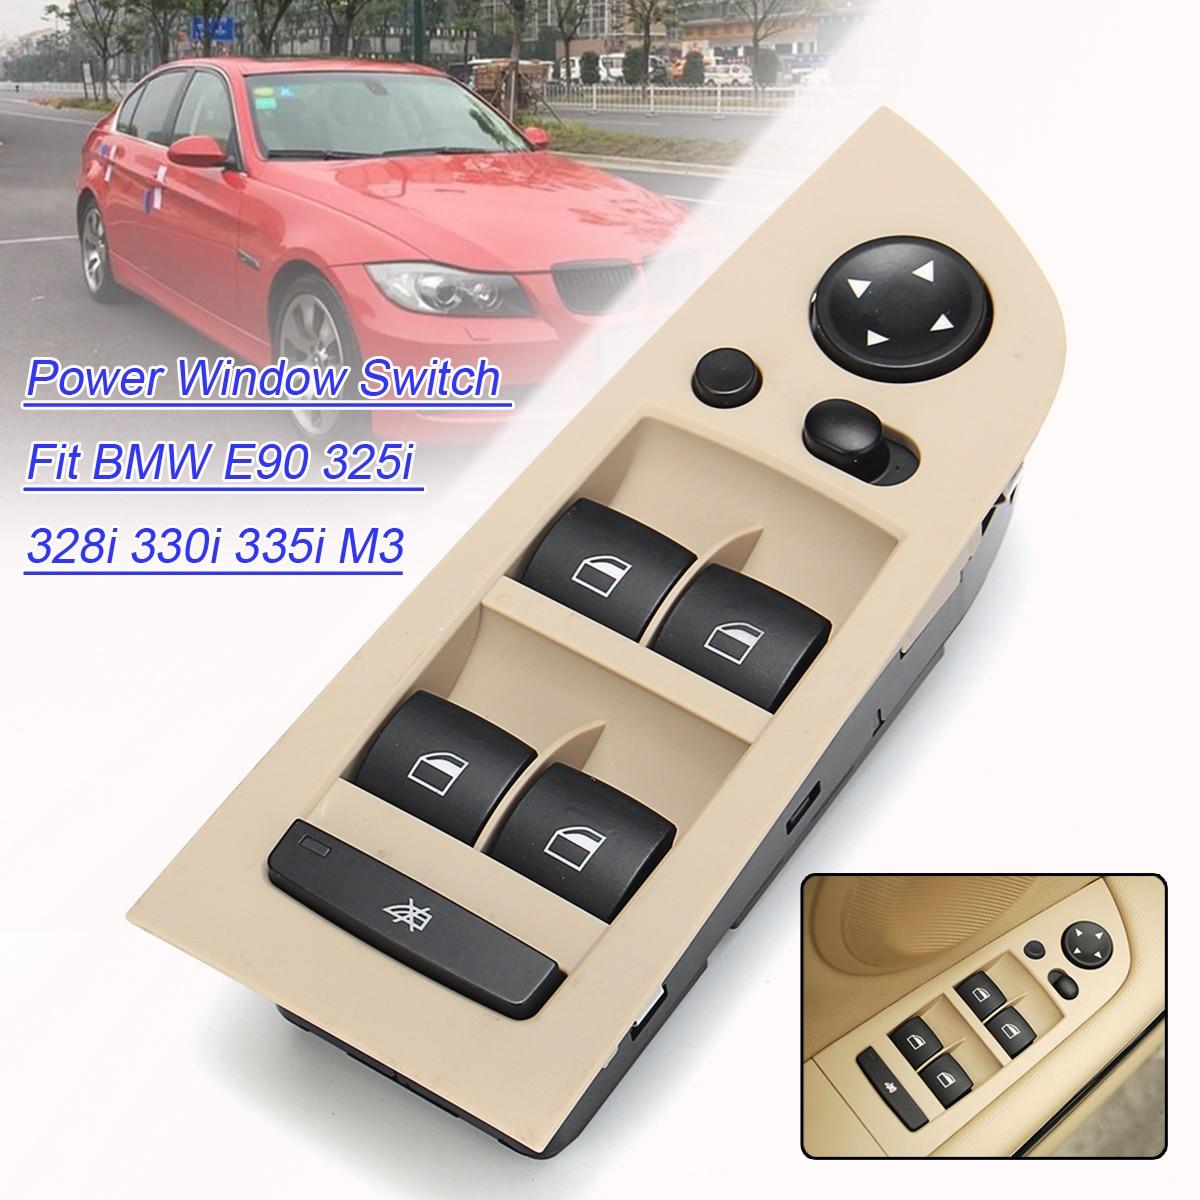 Autoleader Voiture Avant Gauche Fenêtre Commutateur de Commutation Unité Miroir Interrupteur Panneau de contrôle Unité avec Cadre pour BMW Série 3 E90 M3